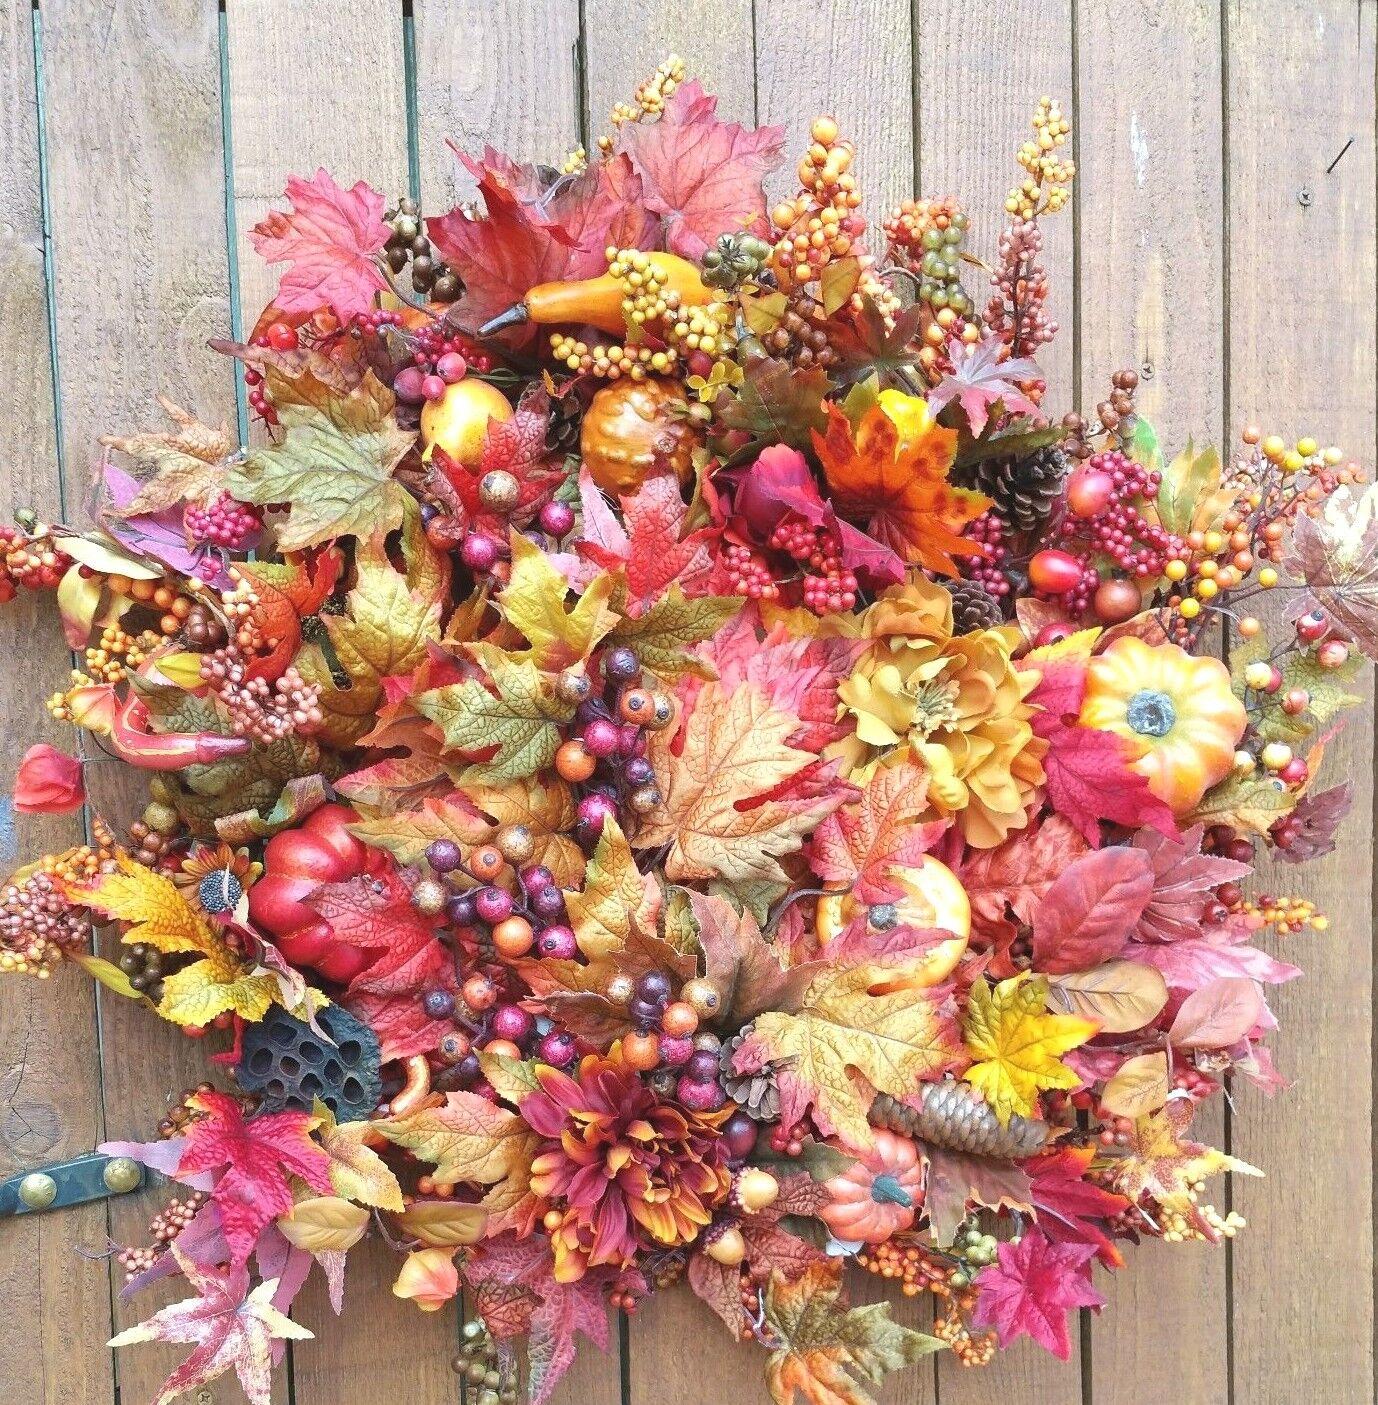 23  Fall Door Wreath Handmade on Wire Base Pumpkins Leaves Berries Pinecones